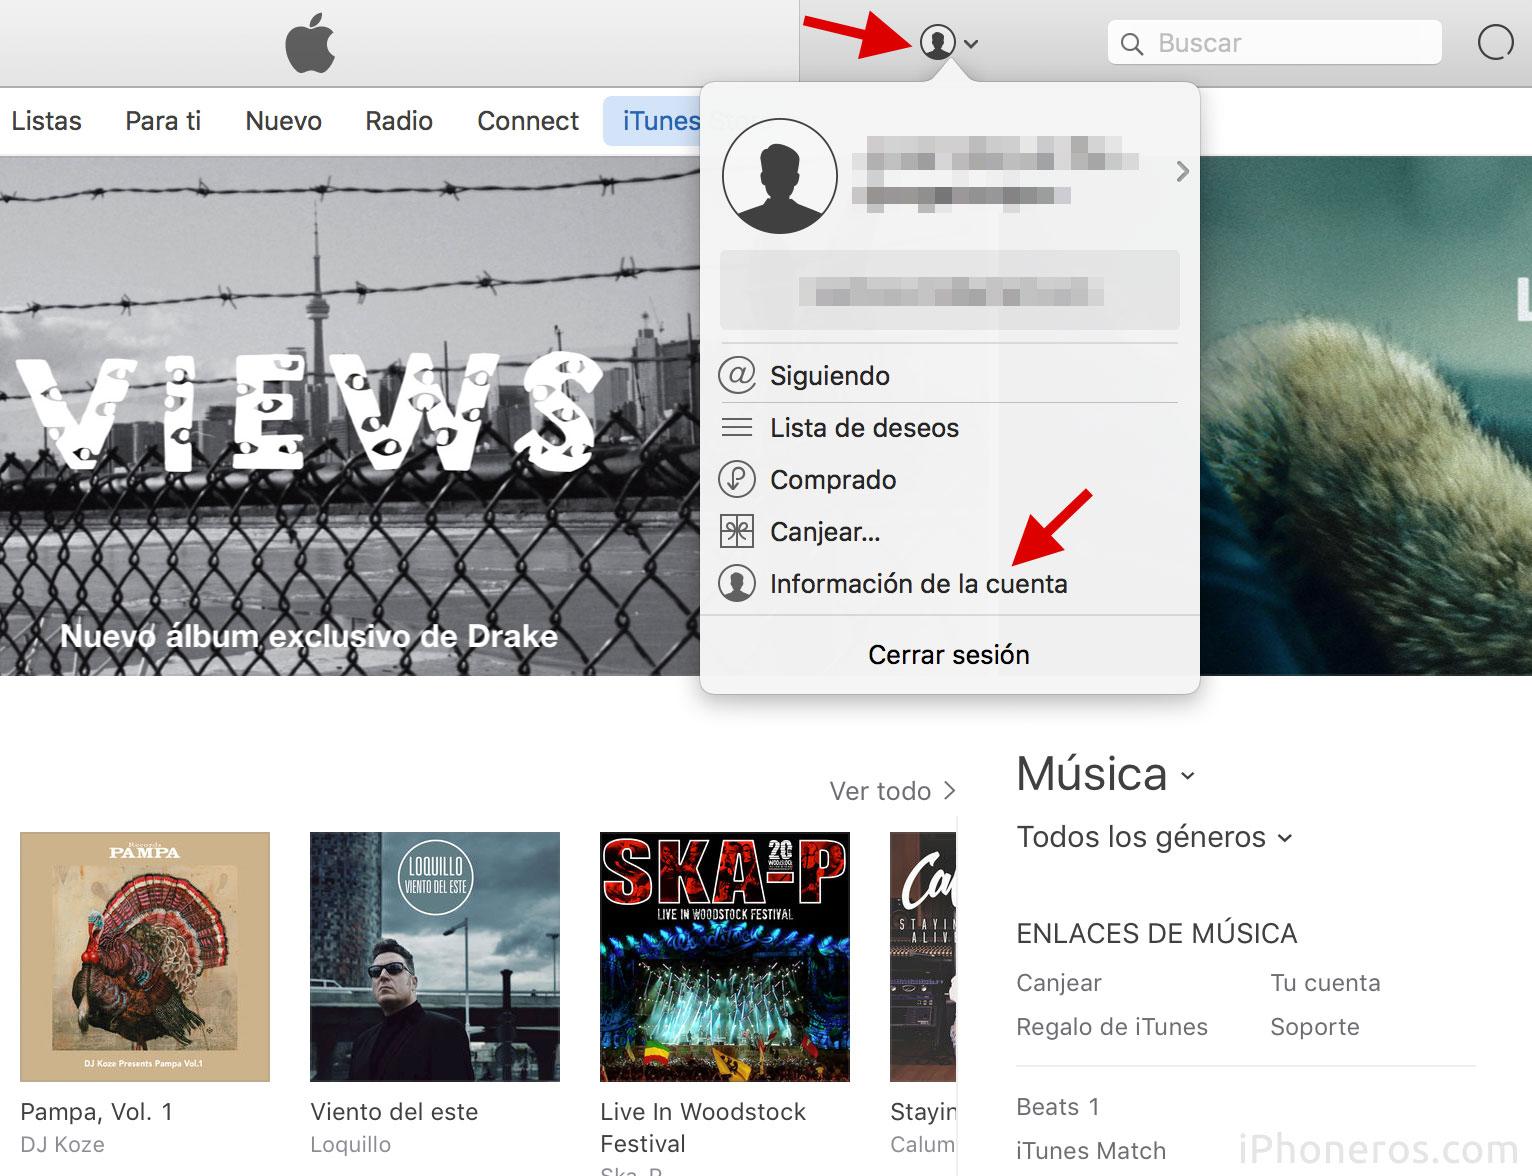 Información de la cuenta en iTunes